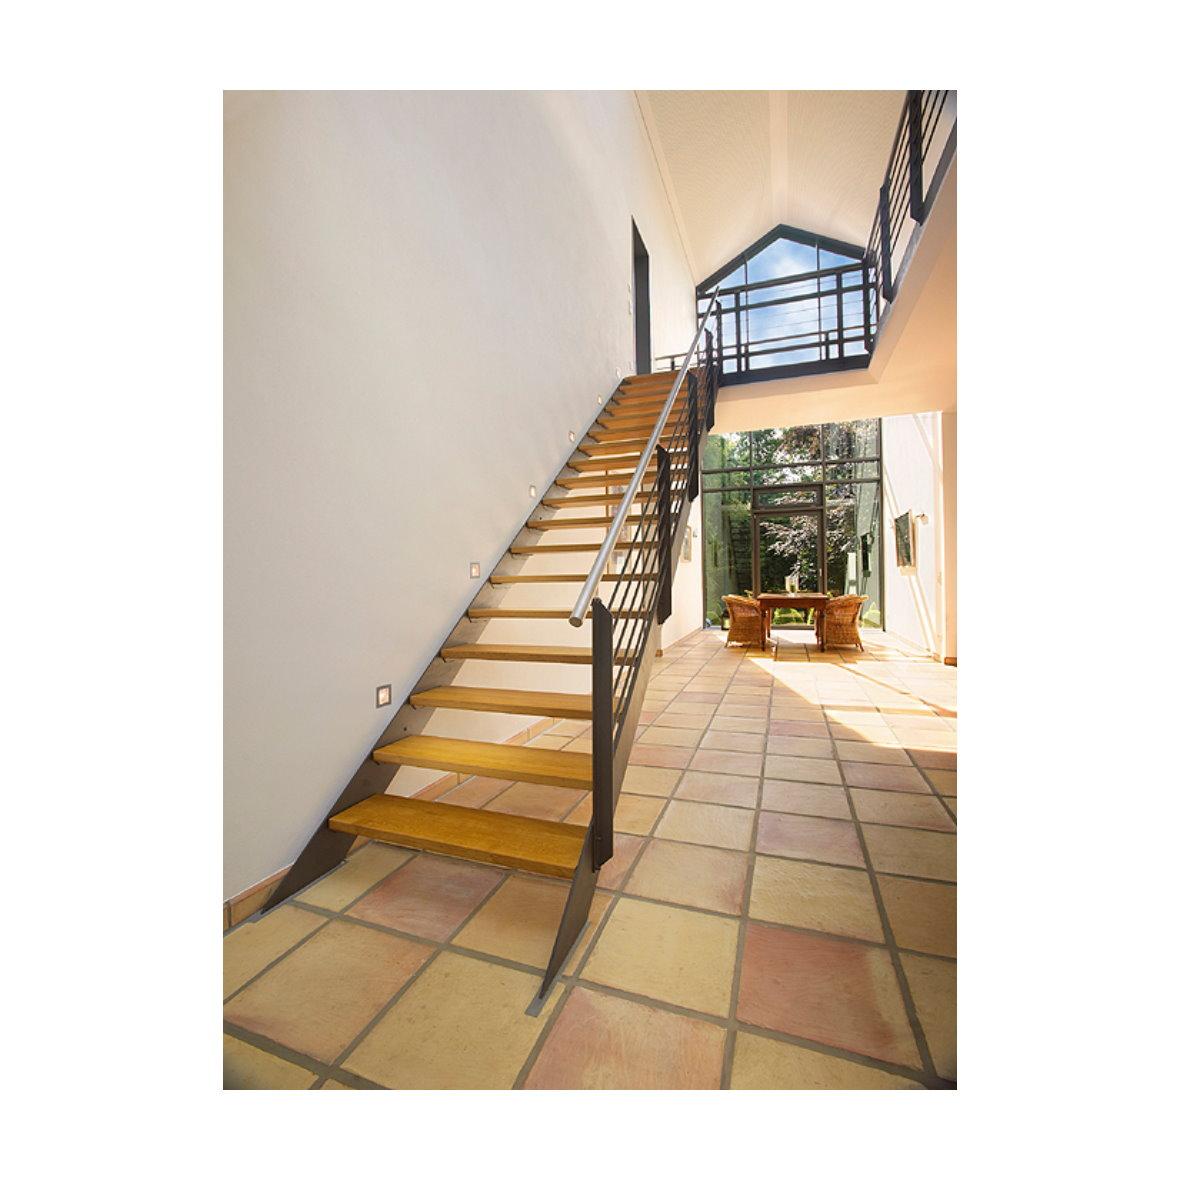 slv spot einbau strahler g4 deckenstrahler wandstrahler decke wand einbauleuchte ebay. Black Bedroom Furniture Sets. Home Design Ideas